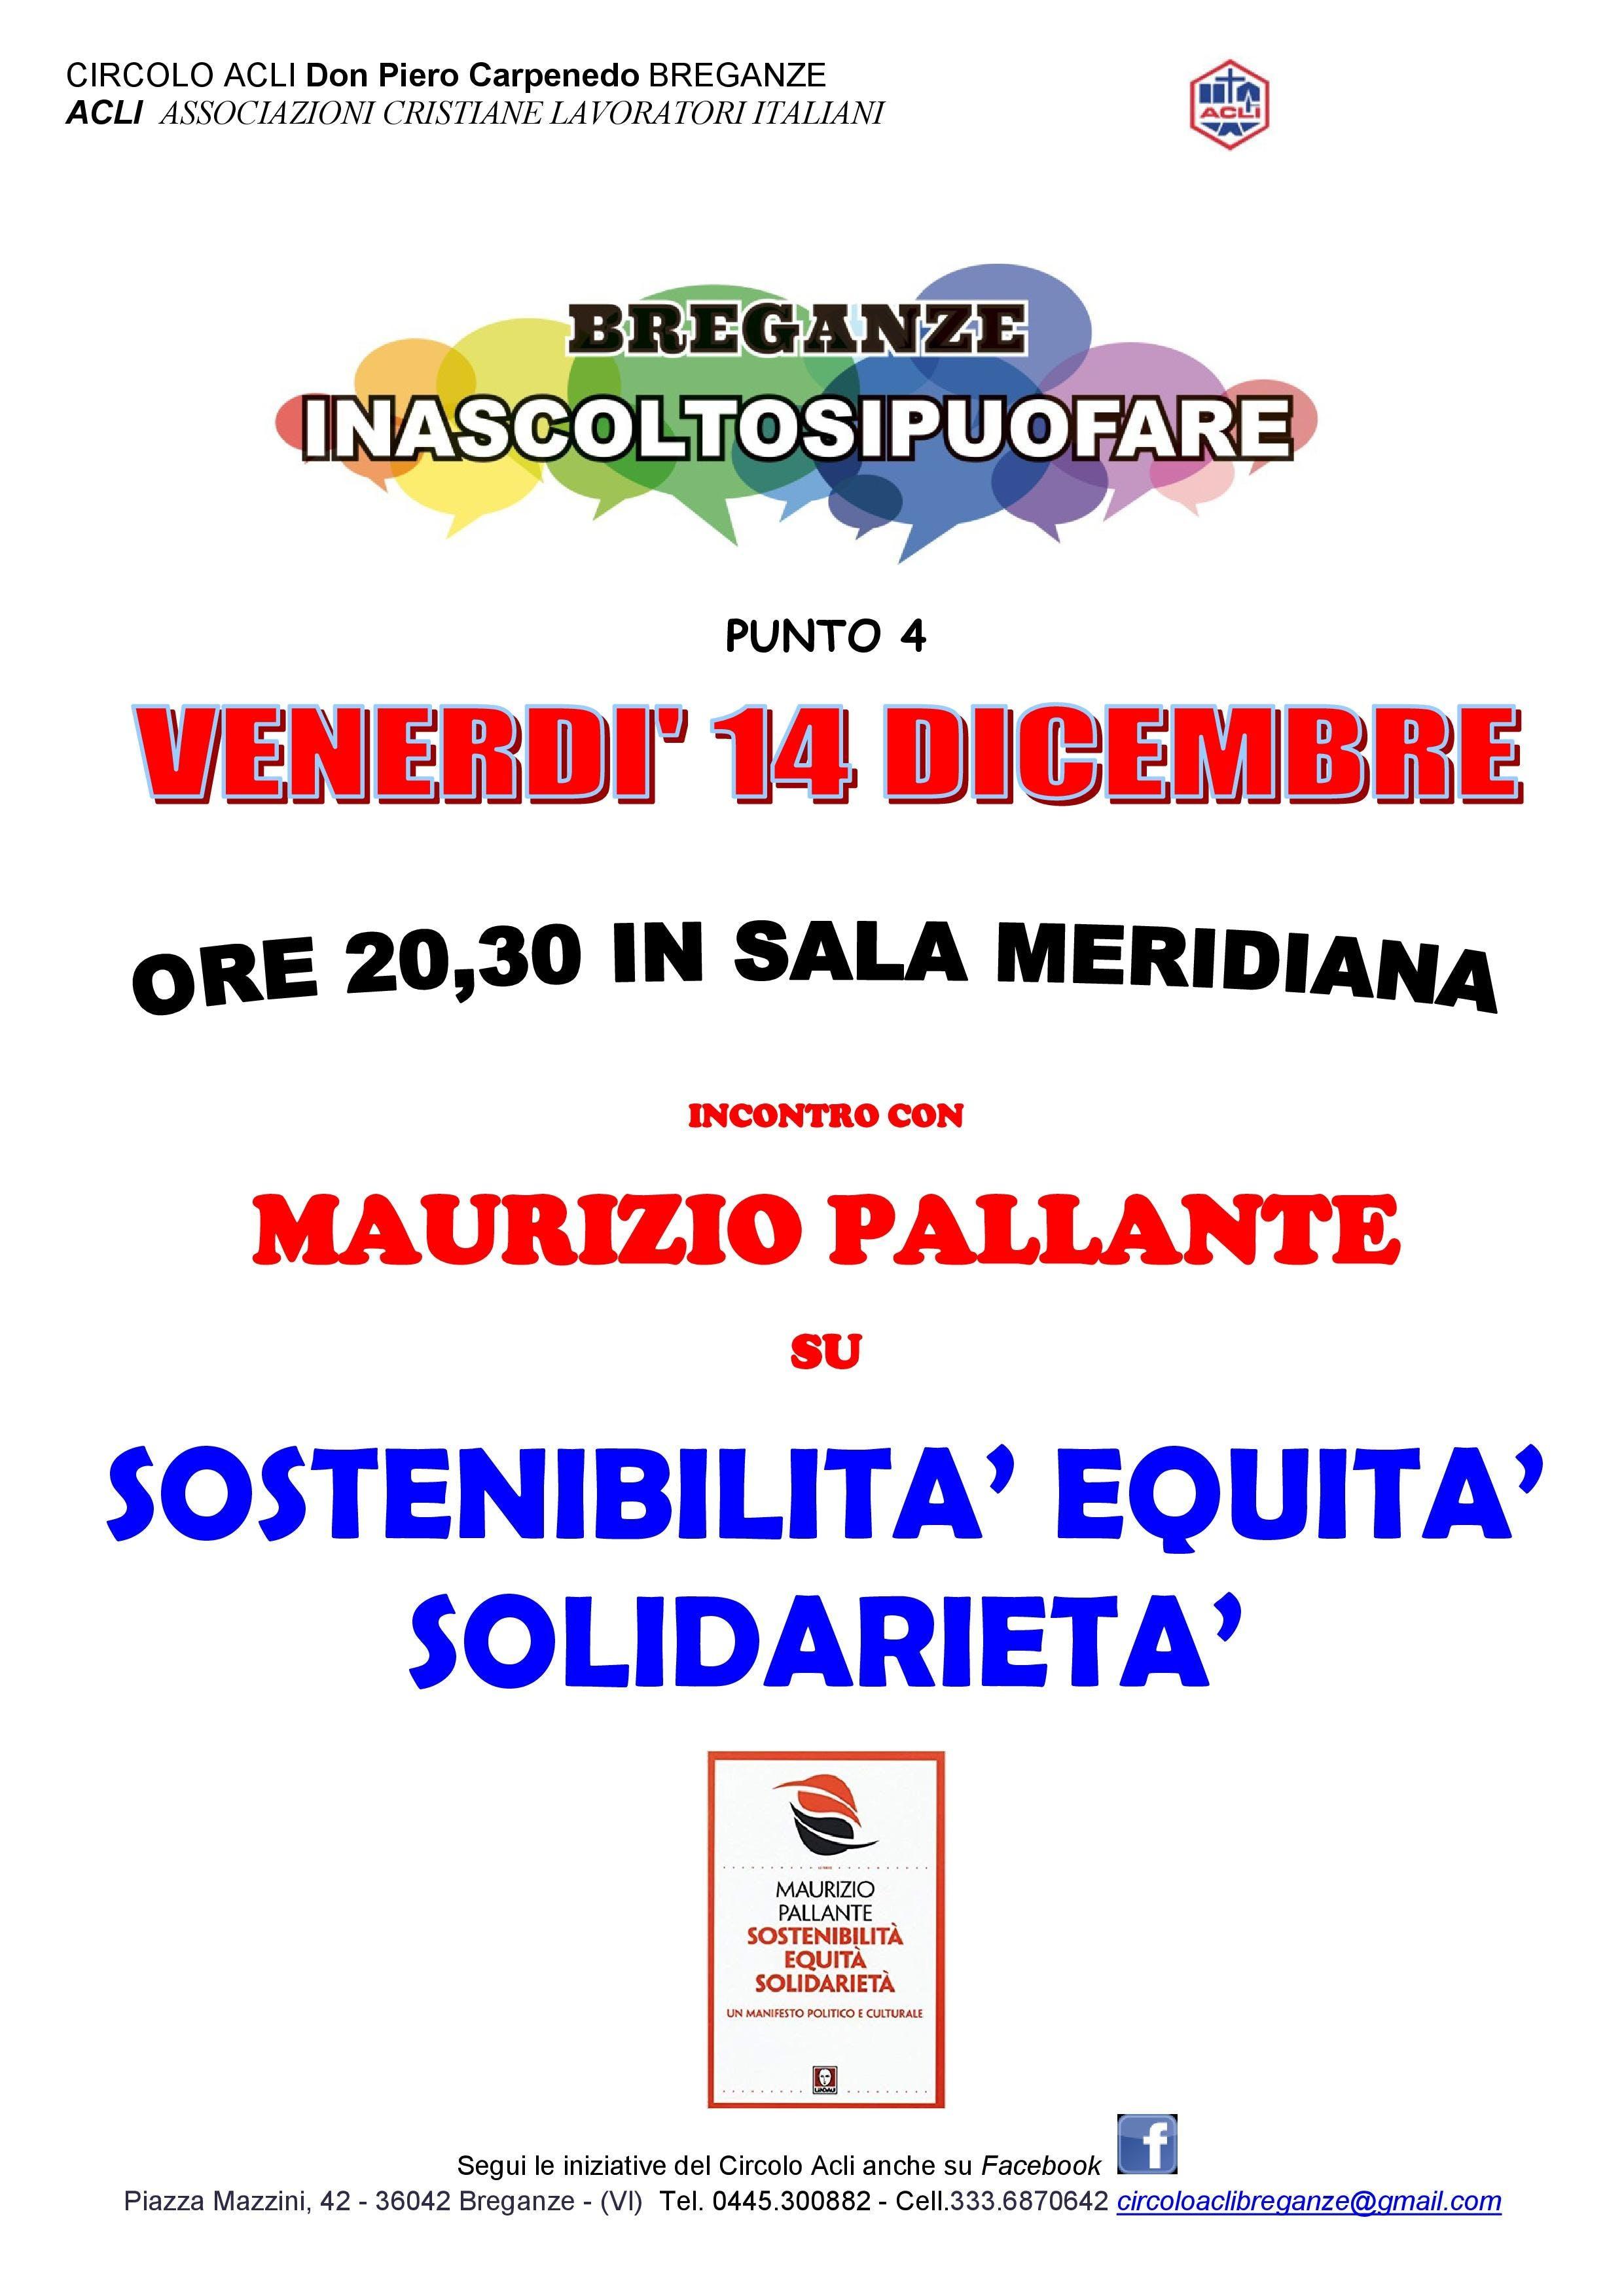 SOSTENIBILIA' EQUITA' SOLIDARIETA'